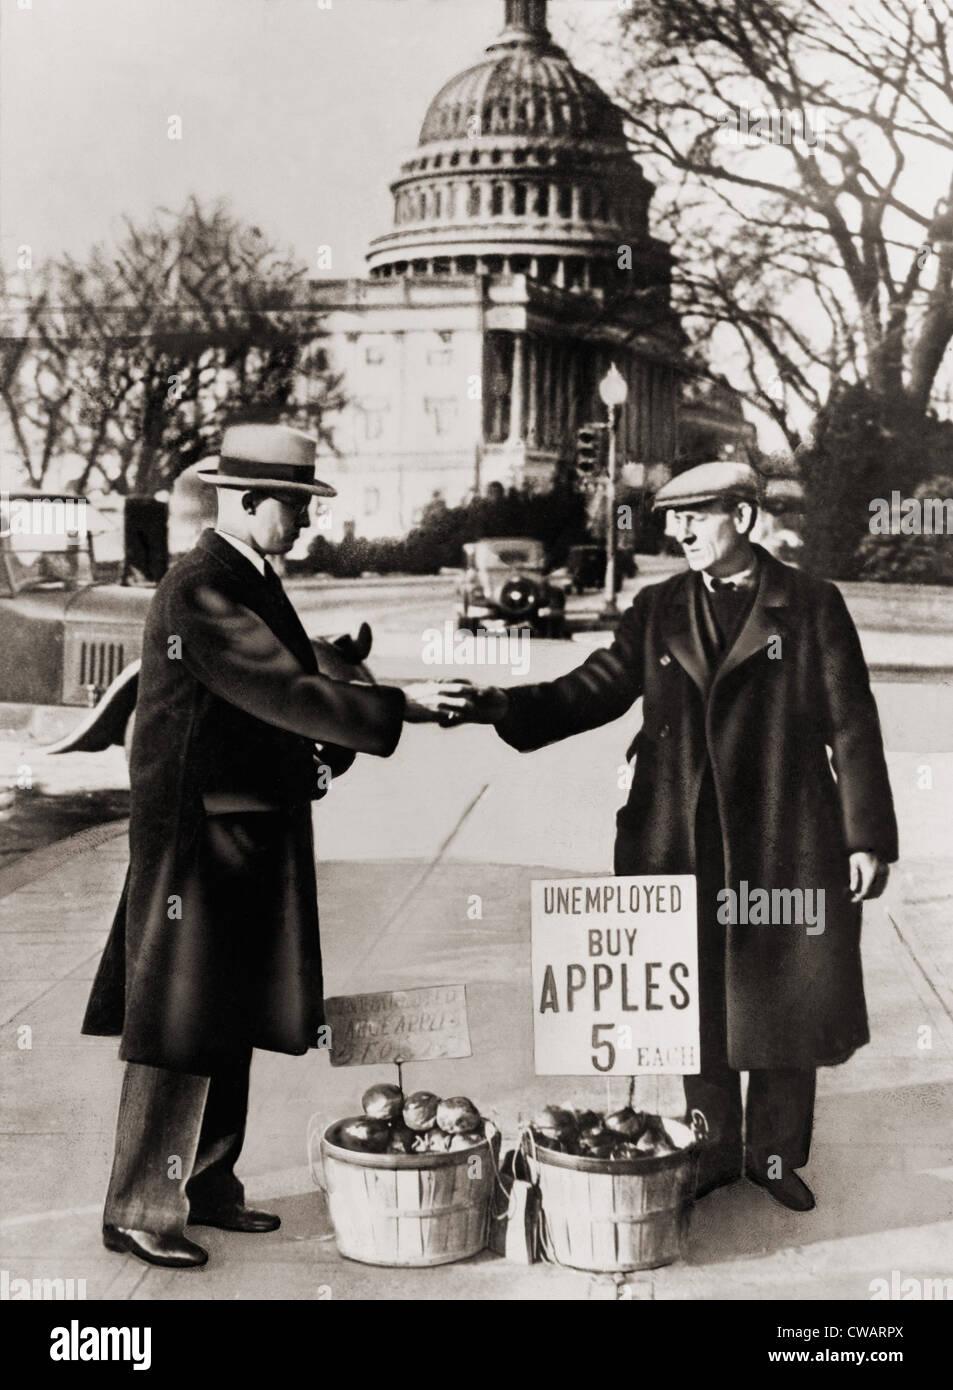 La grande dépression. Homme au chômage vend des pommes près du Capitole à Washington D.C. Comme la grande dépression Banque D'Images